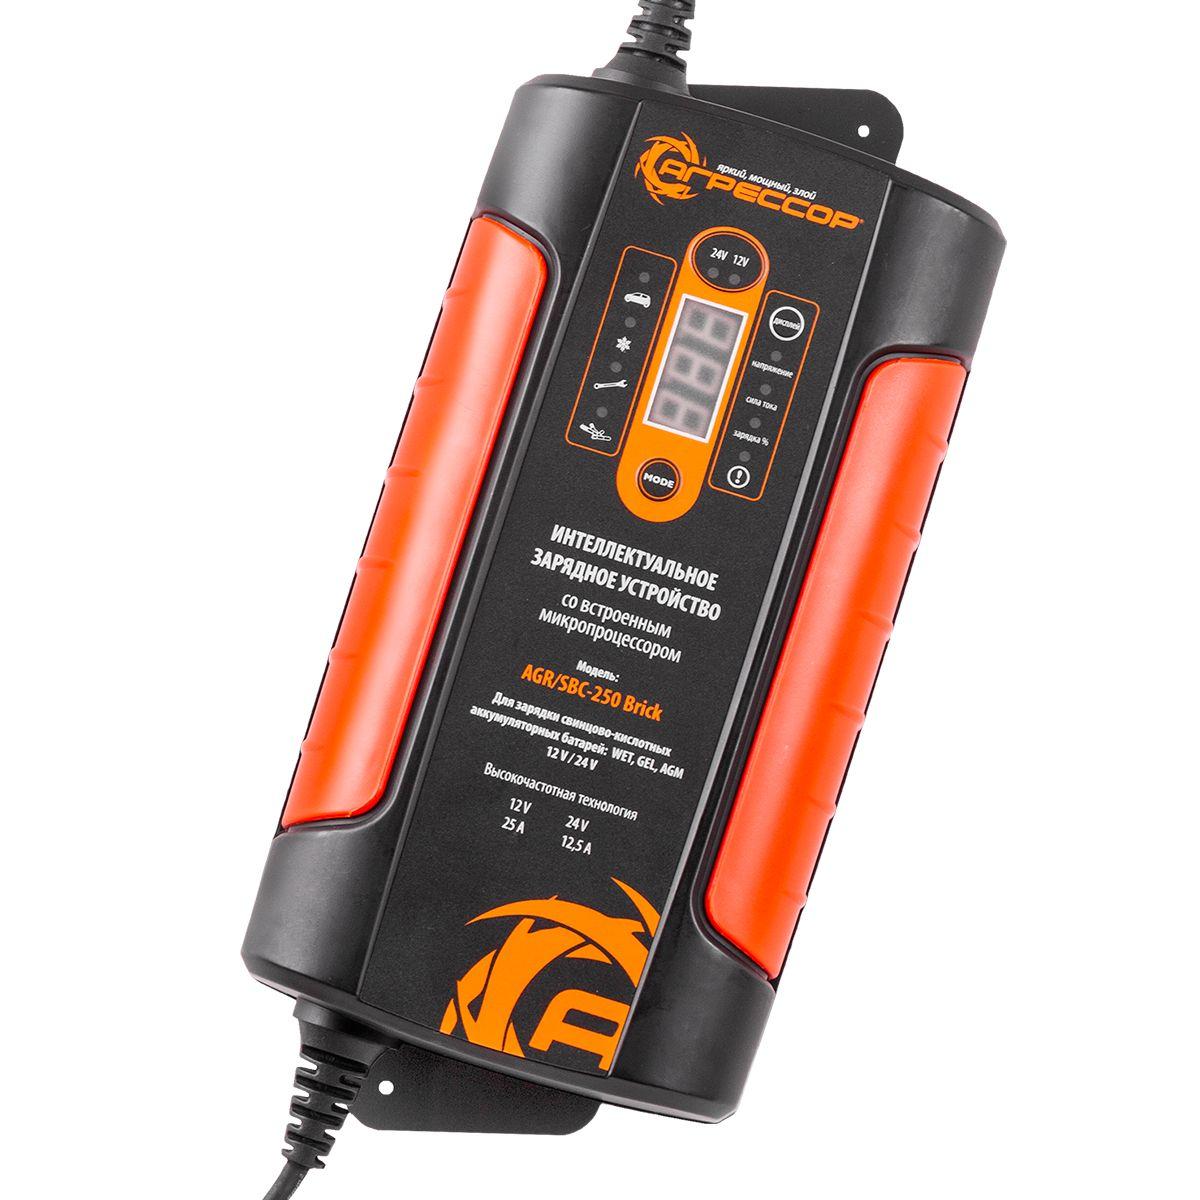 Устройство зарядное цифровое Autoprofi Агрессор, 9 фаз зарядки, ток зарядки 12,5/25 АAGR/SBC-250 BrickЗарядное устройство Autoprofi Агрессор предназначено для зарядки и поддержания полного заряда всех типов свинцово-кислотных аккумуляторных батарей: WET, GEL, AGM. Встроенный микропроцессор определяет состояние батареи, устанавливает необходимую частоту зарядки и проводит диагностику неполадок. Данное зарядное устройство также позволяет заряжать аккумуляторные батареи в условиях низких температур. 9-ступенчатая высокочастотная автоматическая зарядка поддерживает плавающий заряд АКБ, что позволяет оставлять зарядное устройство подключенным к батарее длительный период времени. Особенности: Датчик температуры. Автоматическая компенсация напряжения. Прочные контактные зажимы, подходят для клемм любых батарей. Прочный и безопасный штепсель шнура питания. Напряжение: AC 220-240В, 50-60 Гц. Номинальная сила тока: 2,4 А. Ток зарядки: 12В, 25 А/24В, 12,5 А.